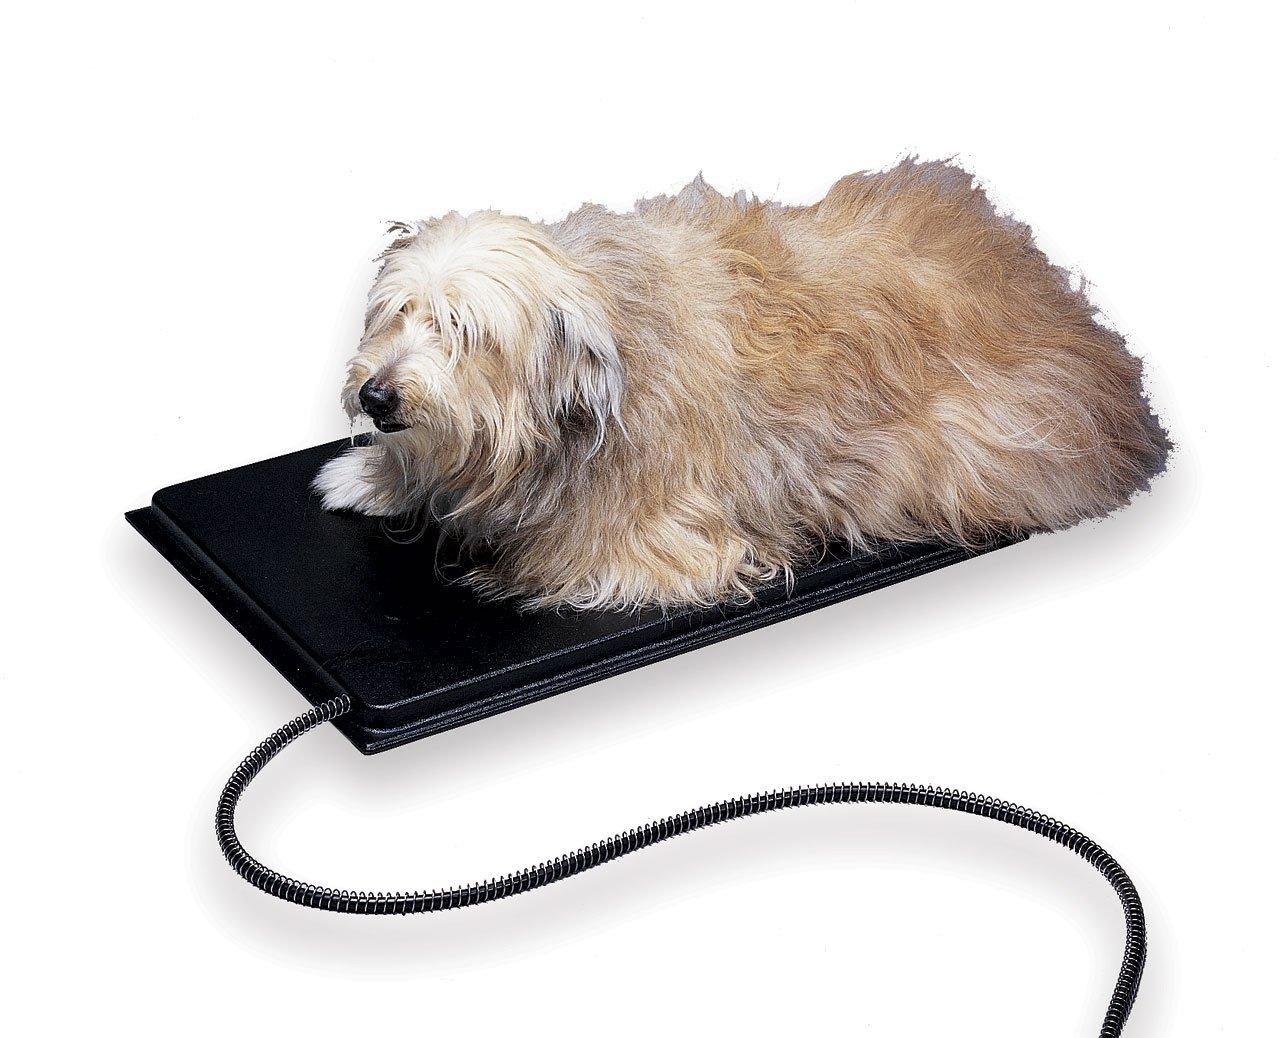 farm heated innovators reviews wayfair dog mats pdx pet mat